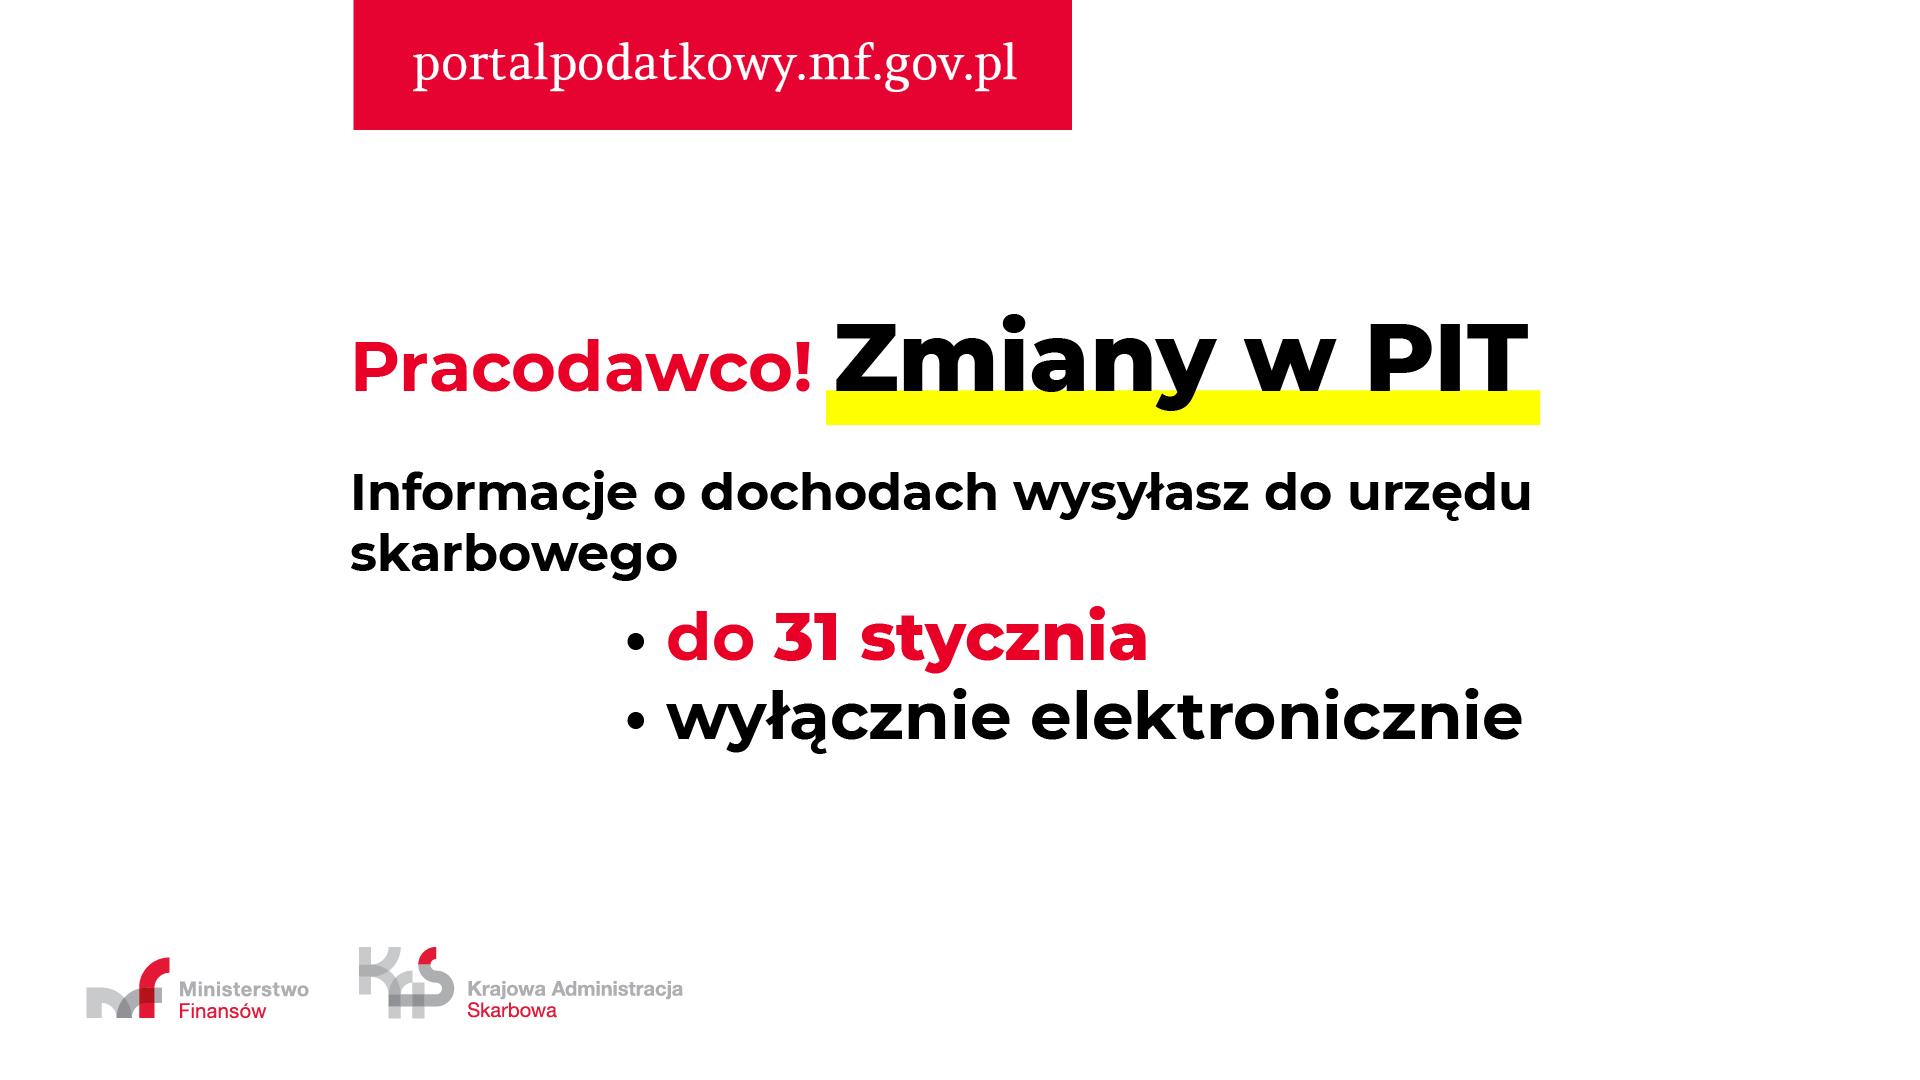 Pracodawco! Zmiany w PIT. Informacje o dochodach wysyłasz do urzędu skarbowego do 31 stycznia wyłącznie elektronicznie.